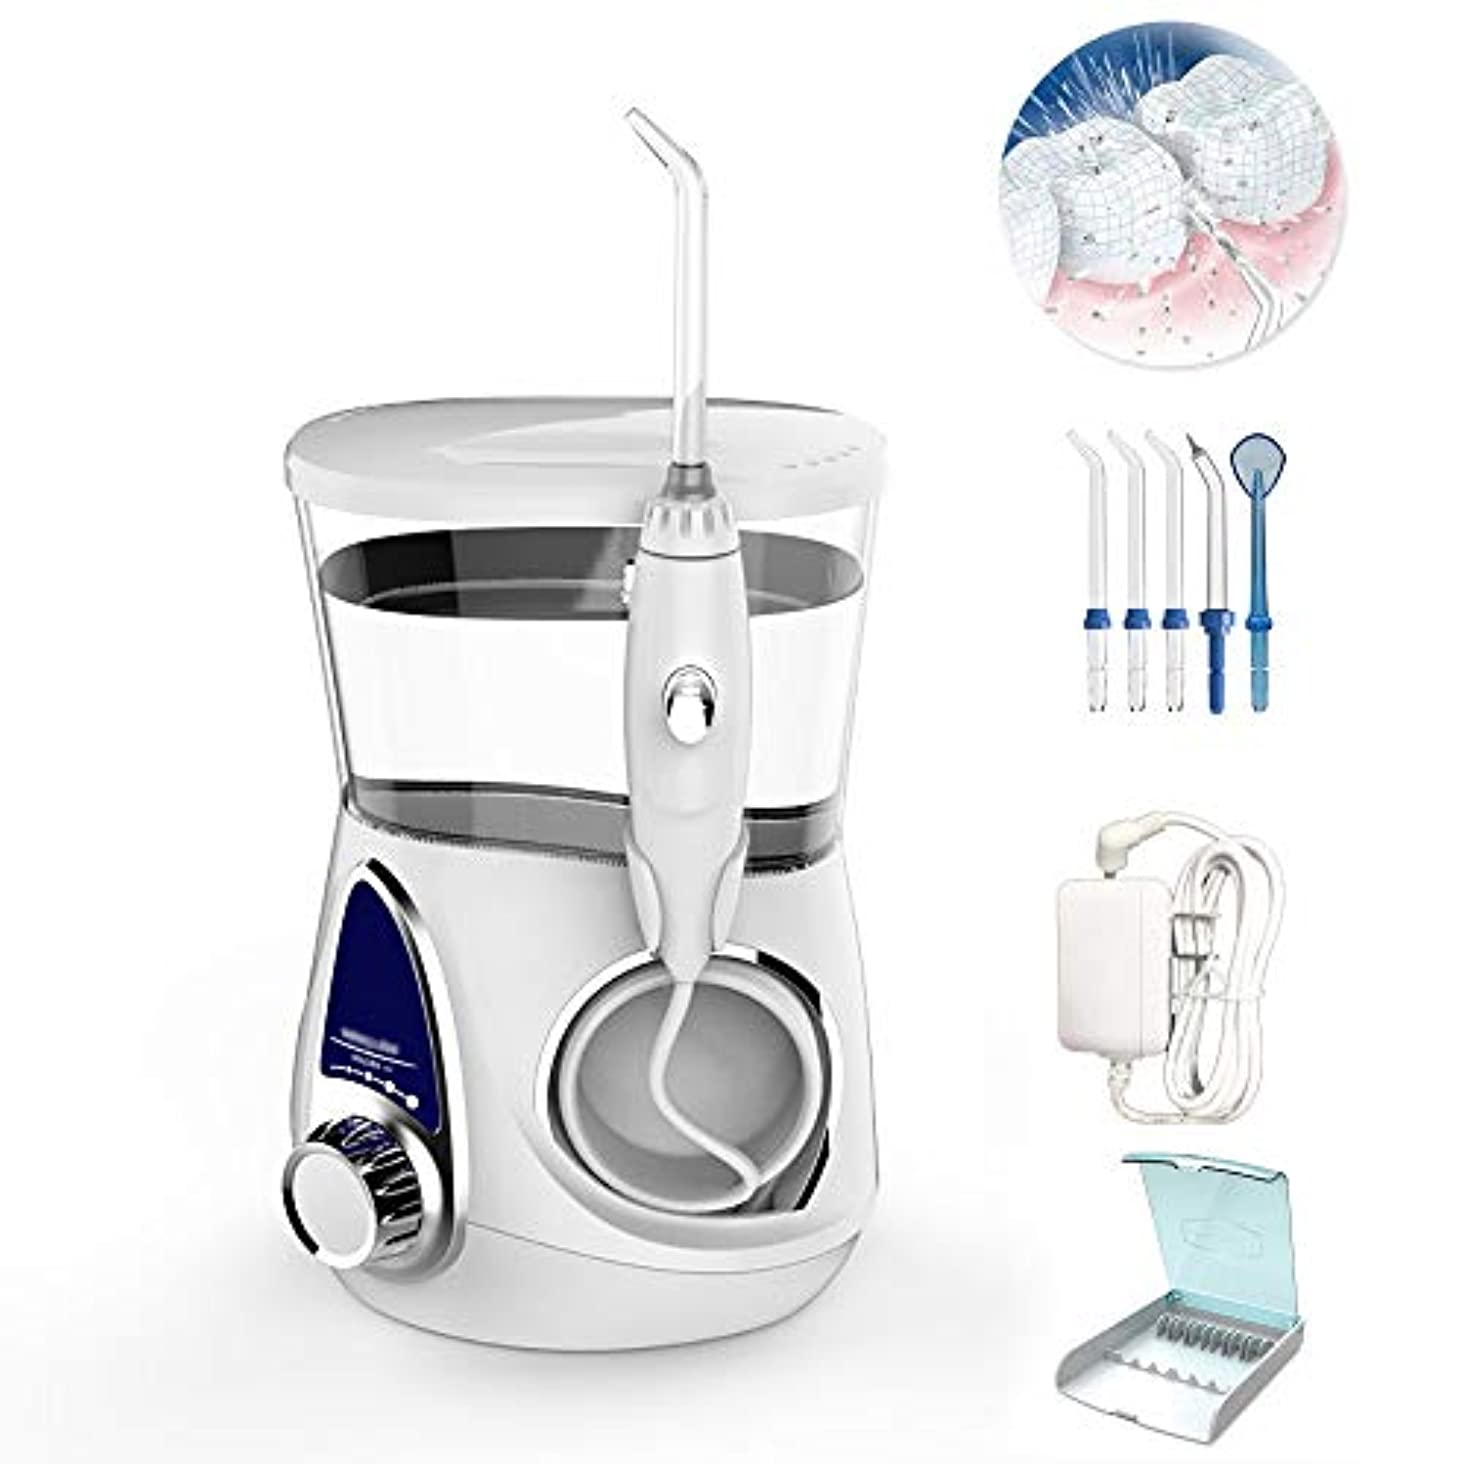 神聖ポテトシート口腔洗浄器フロスウォータージェット、歯用電動フロッサ、3つの標準ノズル+ 1つの歯周ポケットノズル+ 1つの舌スクレーパー+ 1つのノズル収納ボックス、100-240V、700Ml,White-B